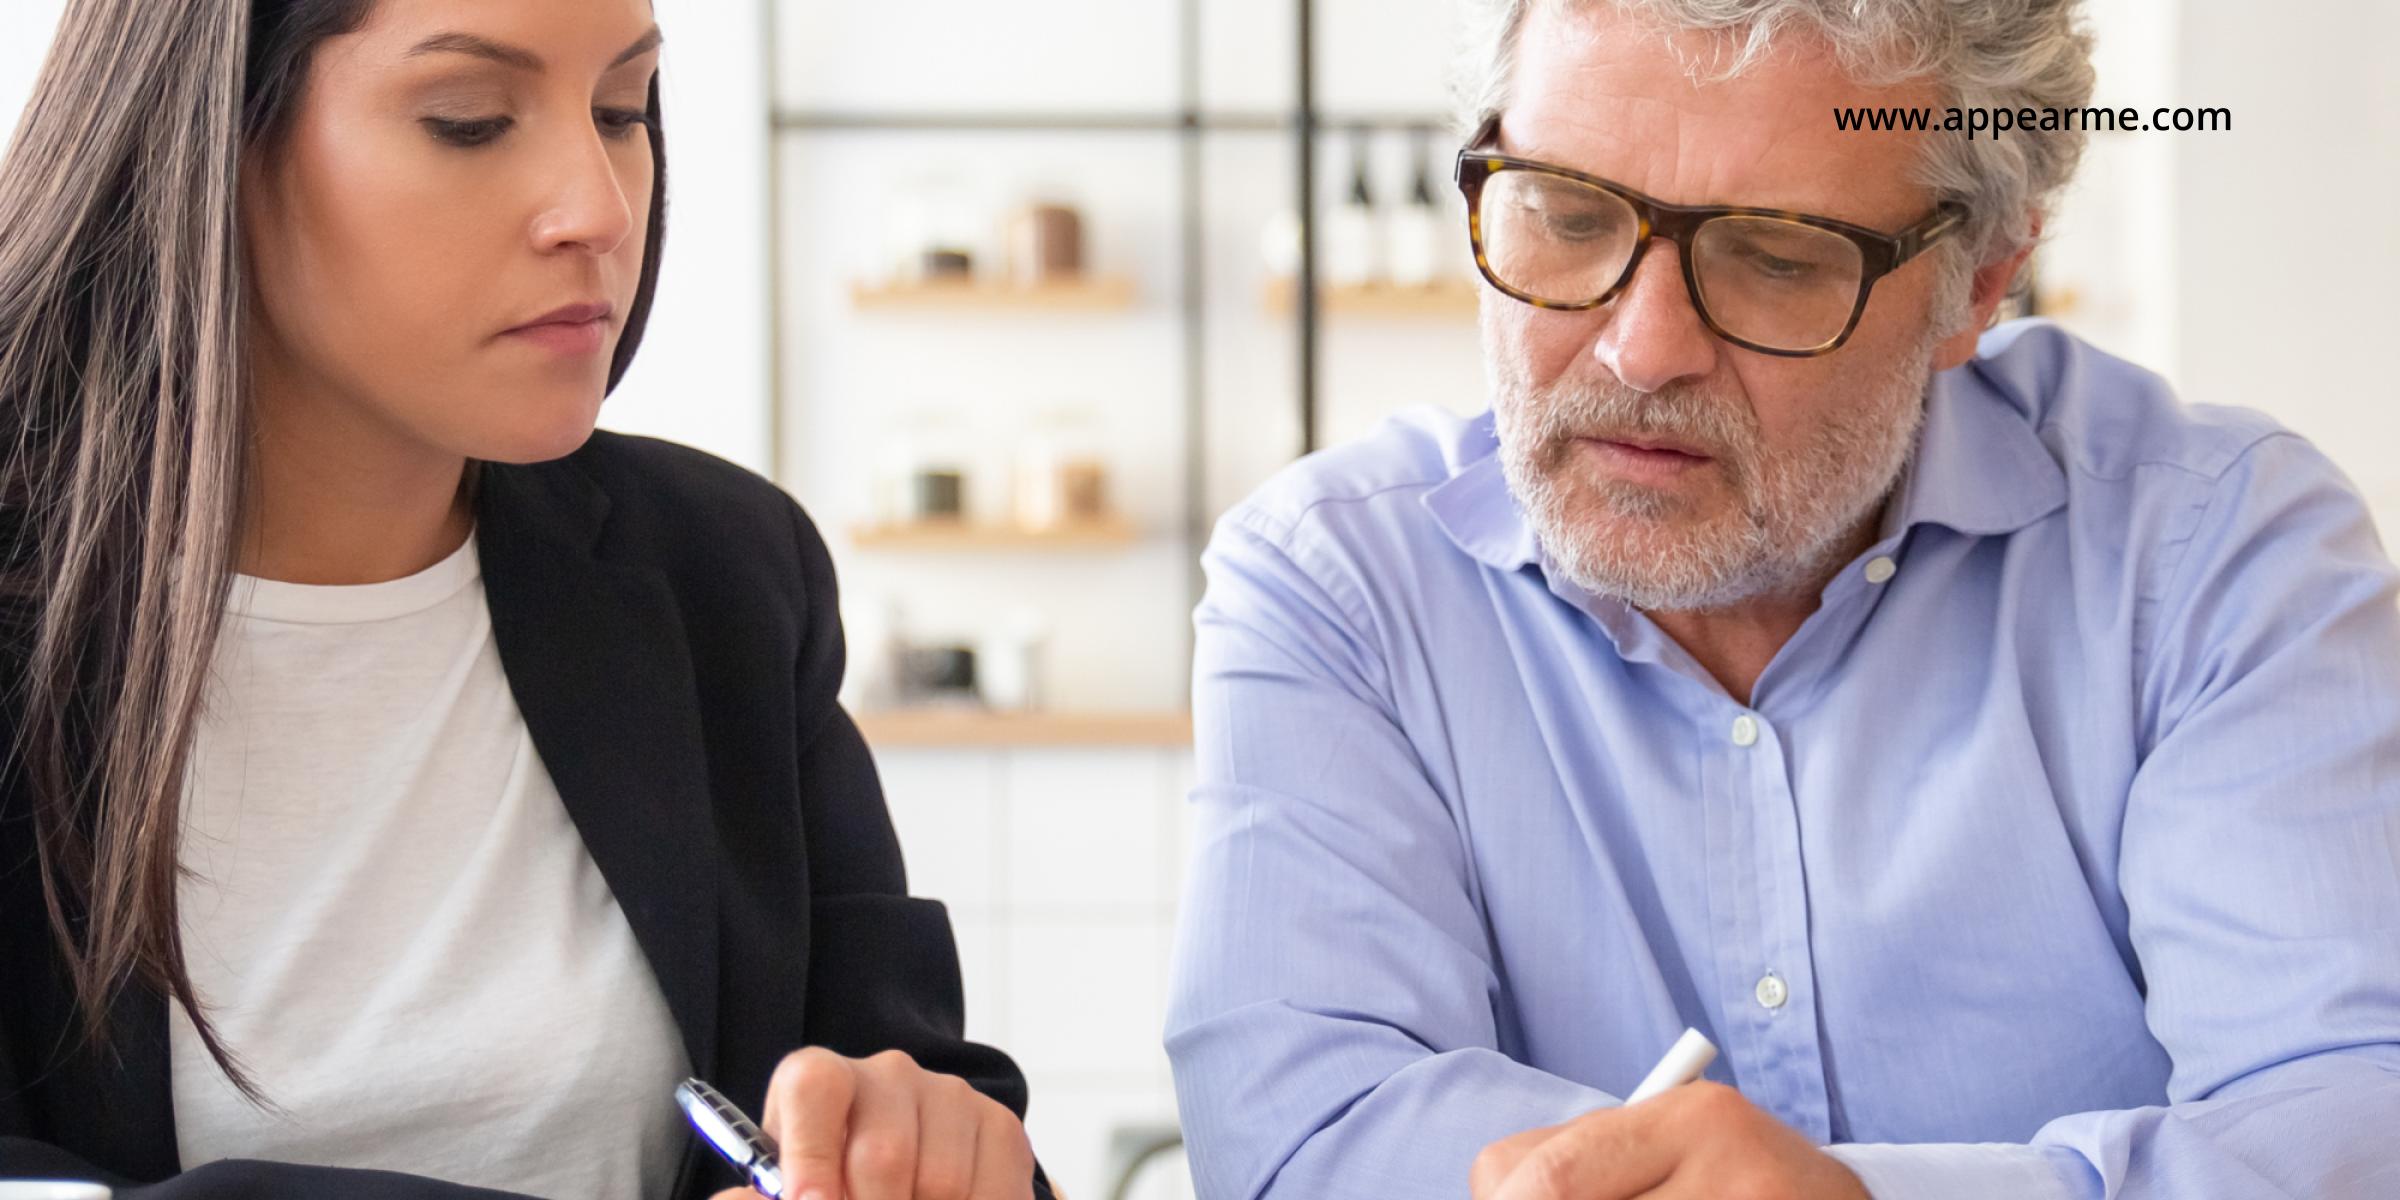 Hiring an Insurance Expert Witness has Never Been Easier